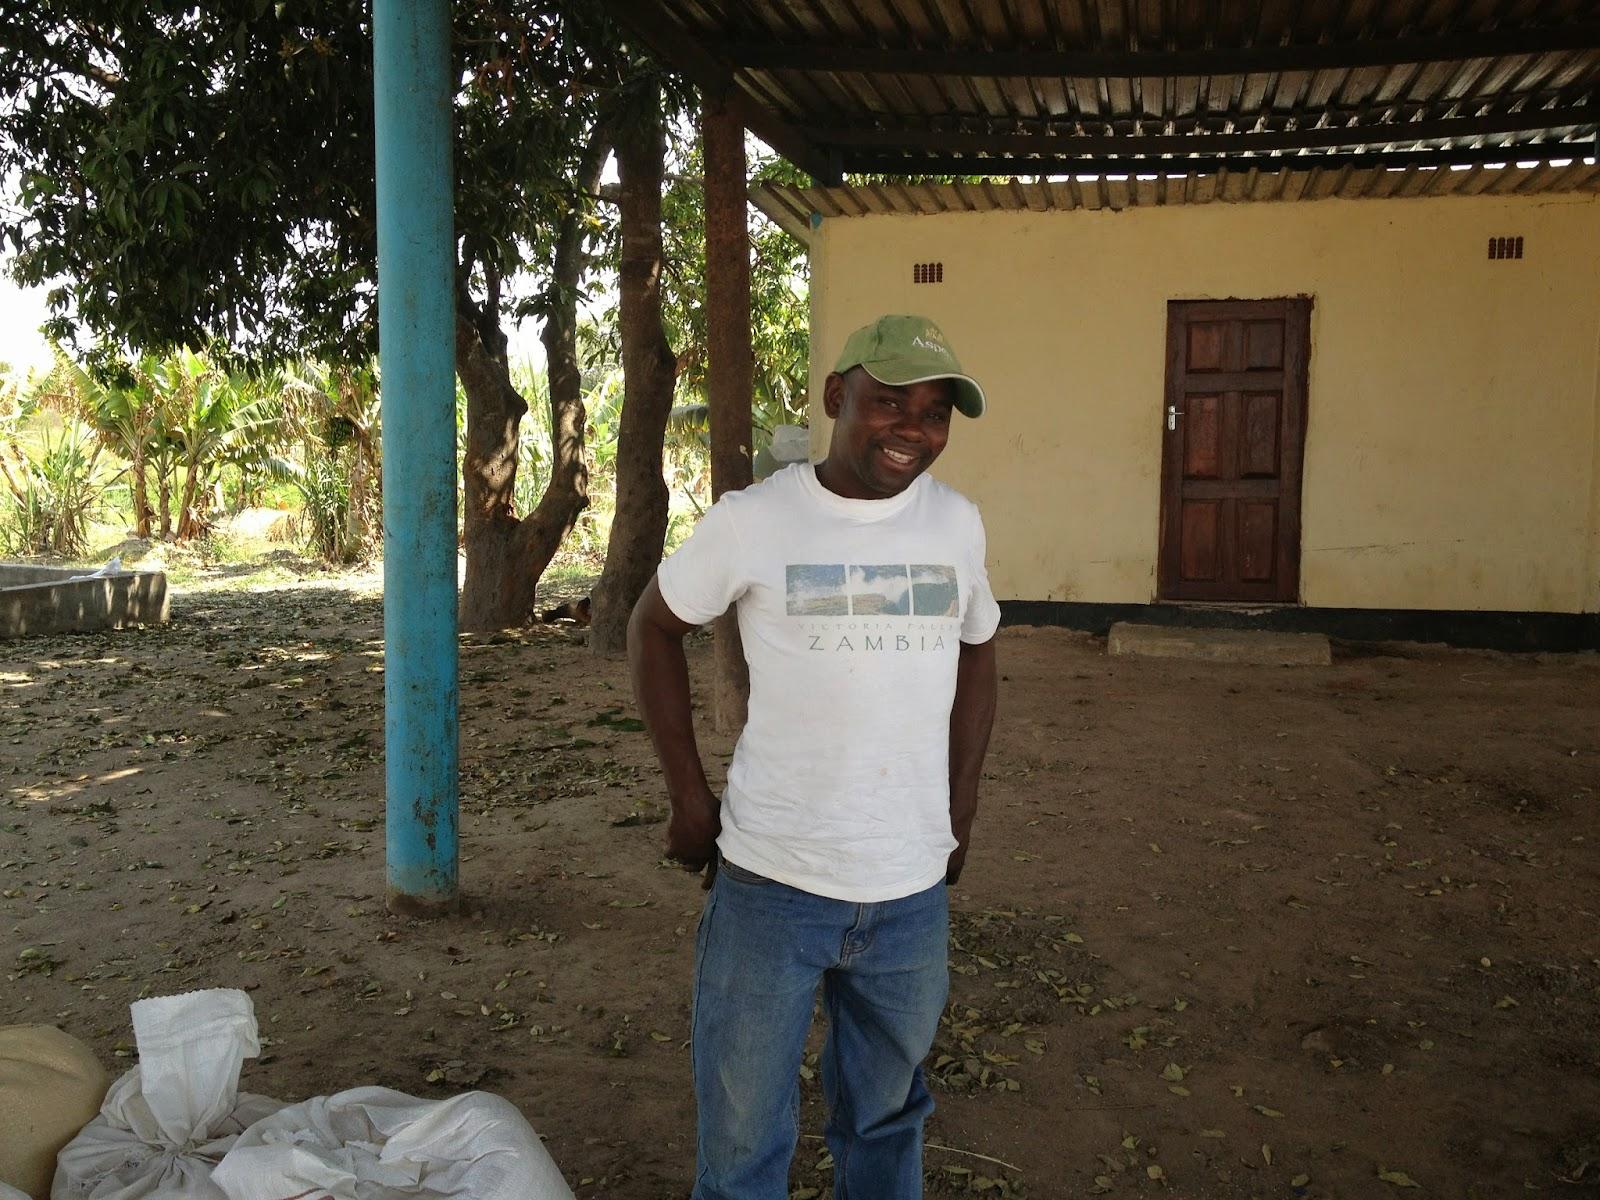 ιστοσελίδες γνωριμιών σε Λουσάκα Ζάμπια Γνωριμίες App αγώνας εχθρός